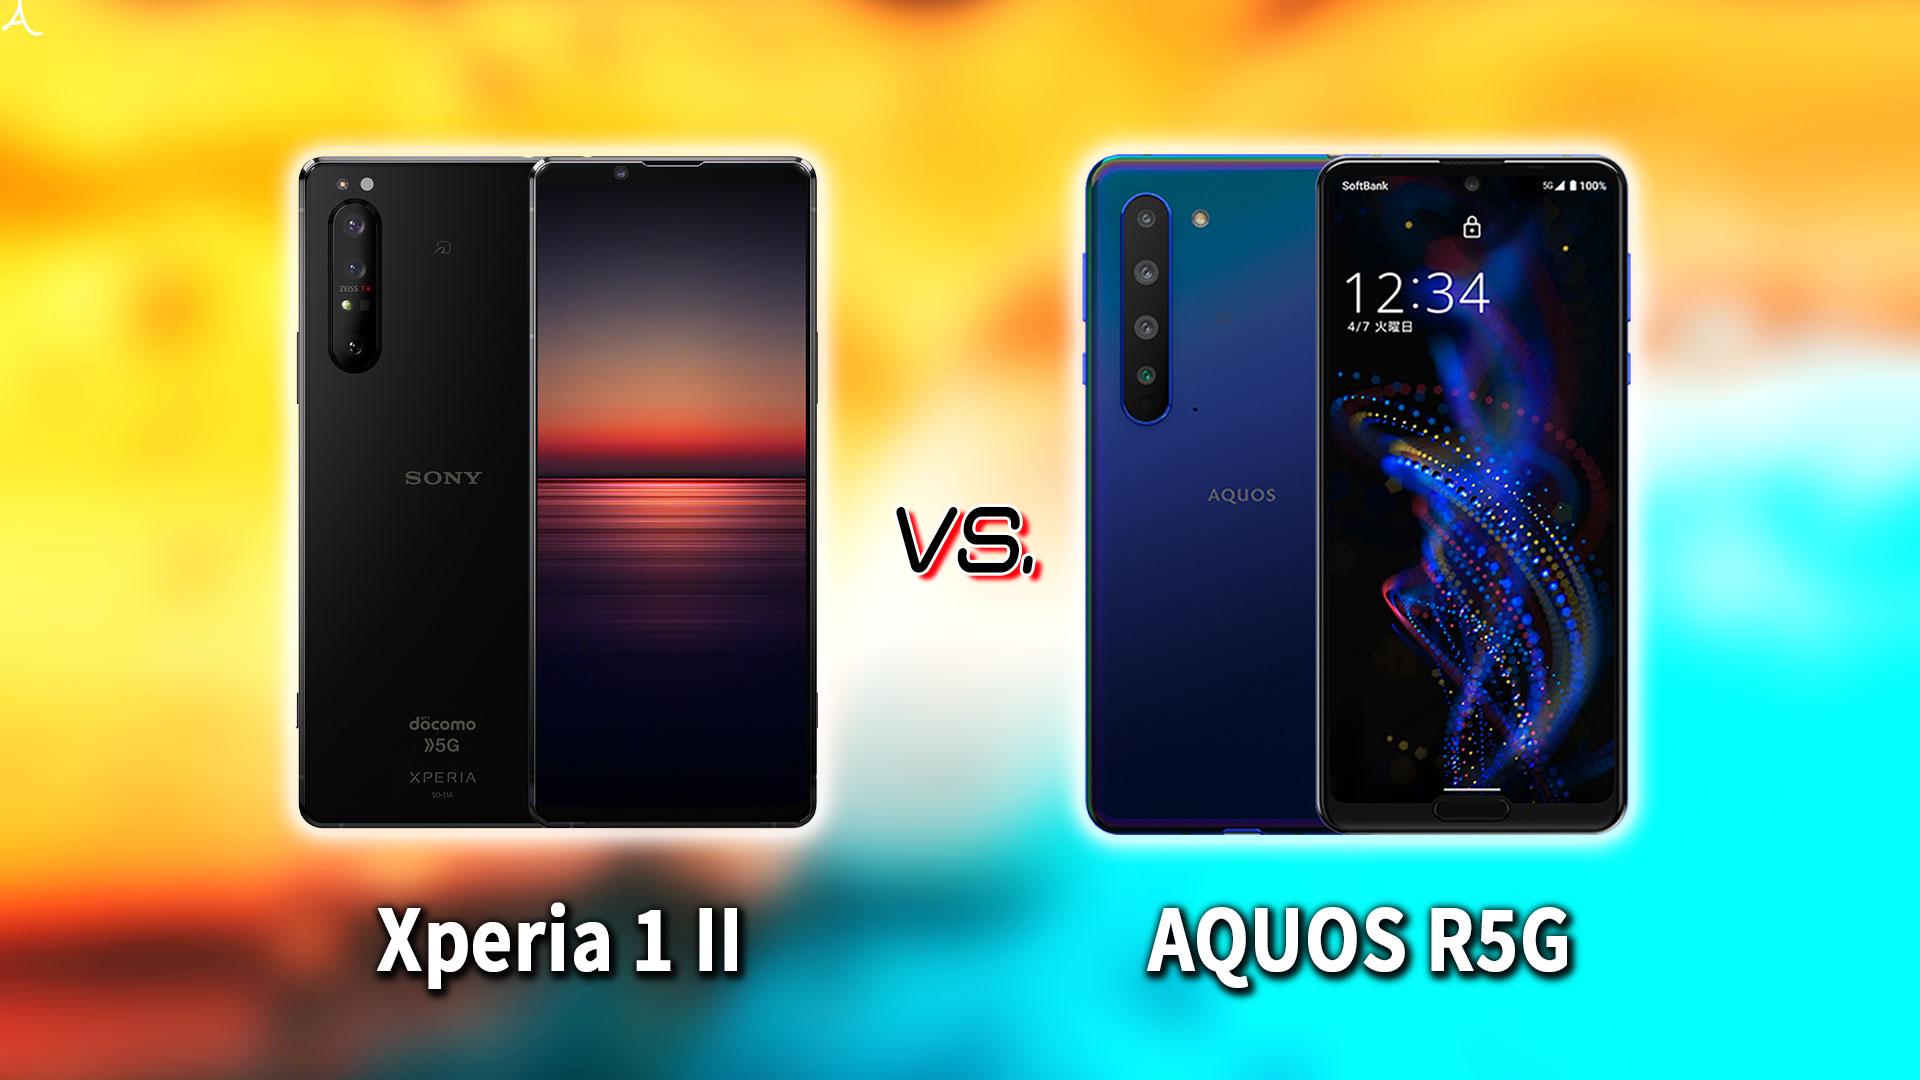 「Xperia 1 II」と「AQUOS R5G」の違いを比較:どっちを買うべき?